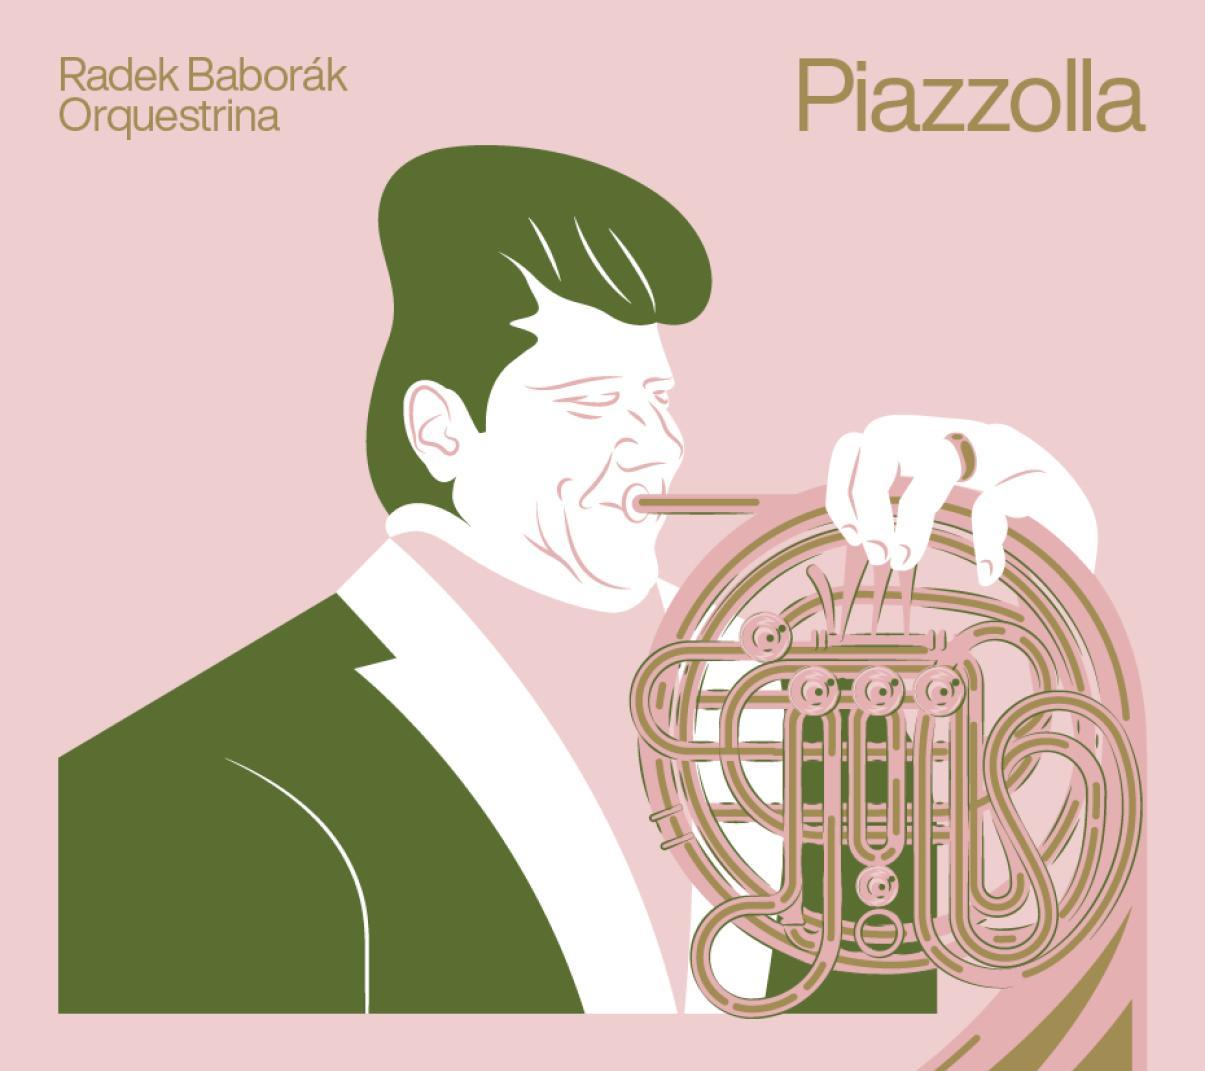 Radek Baborák Orquestrina: Piazzolla